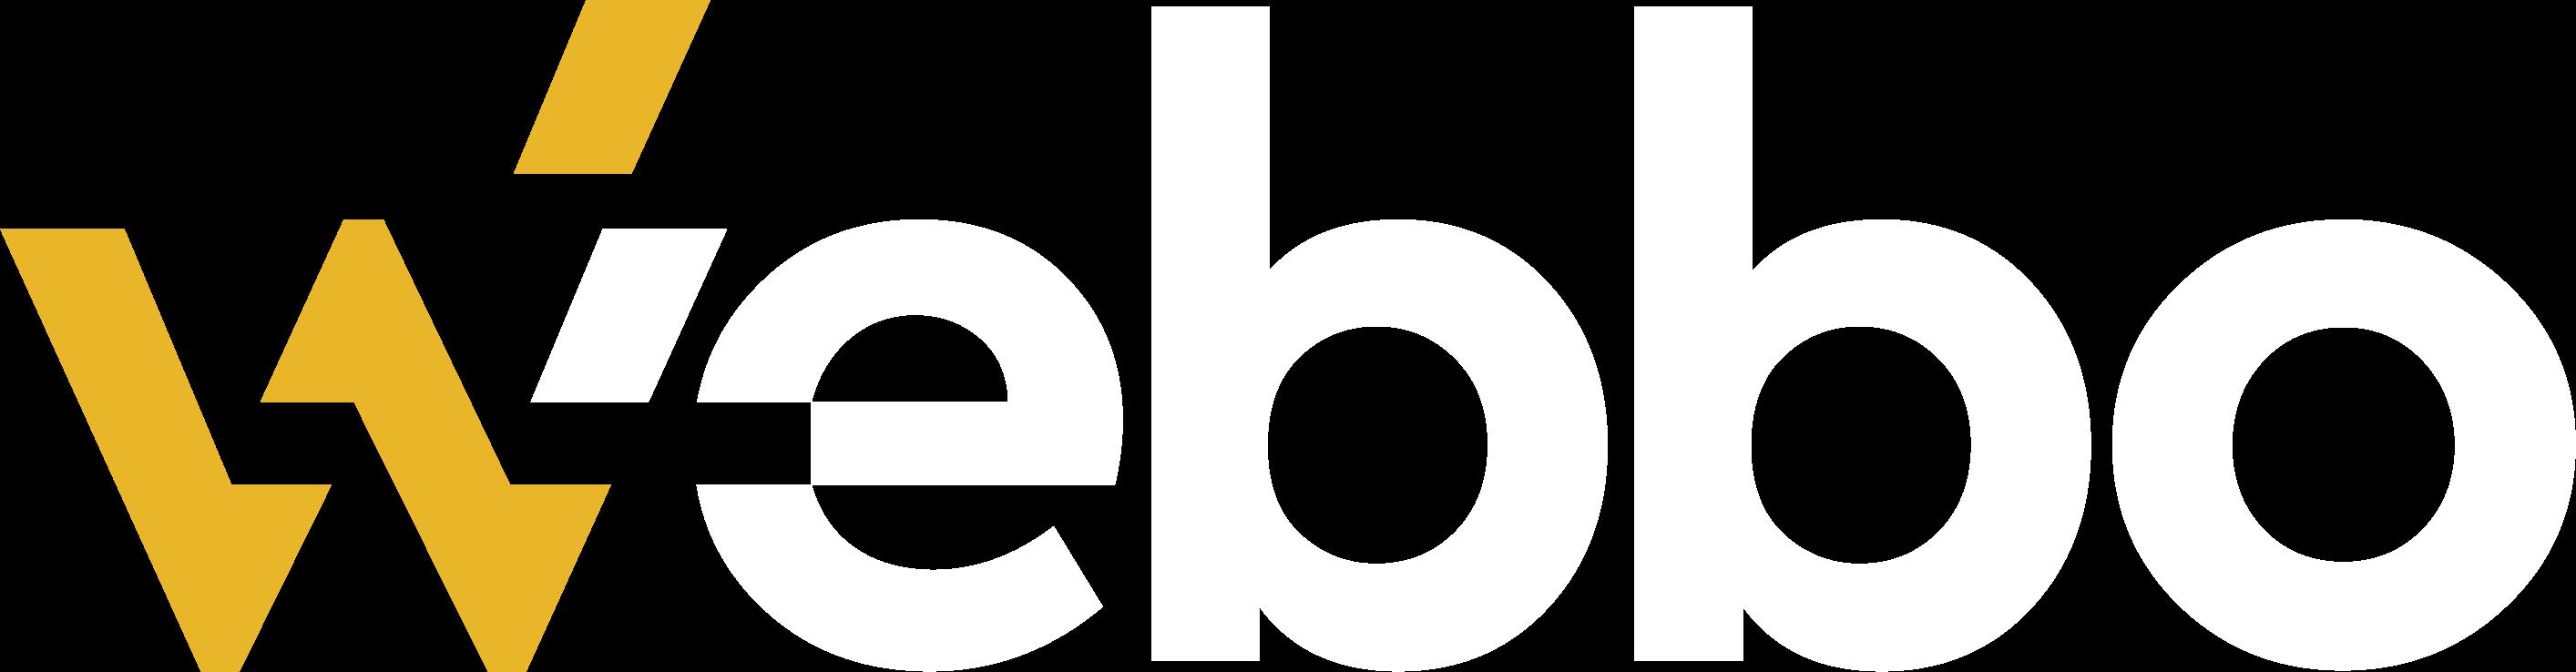 Producerad av webbyrån Webbo